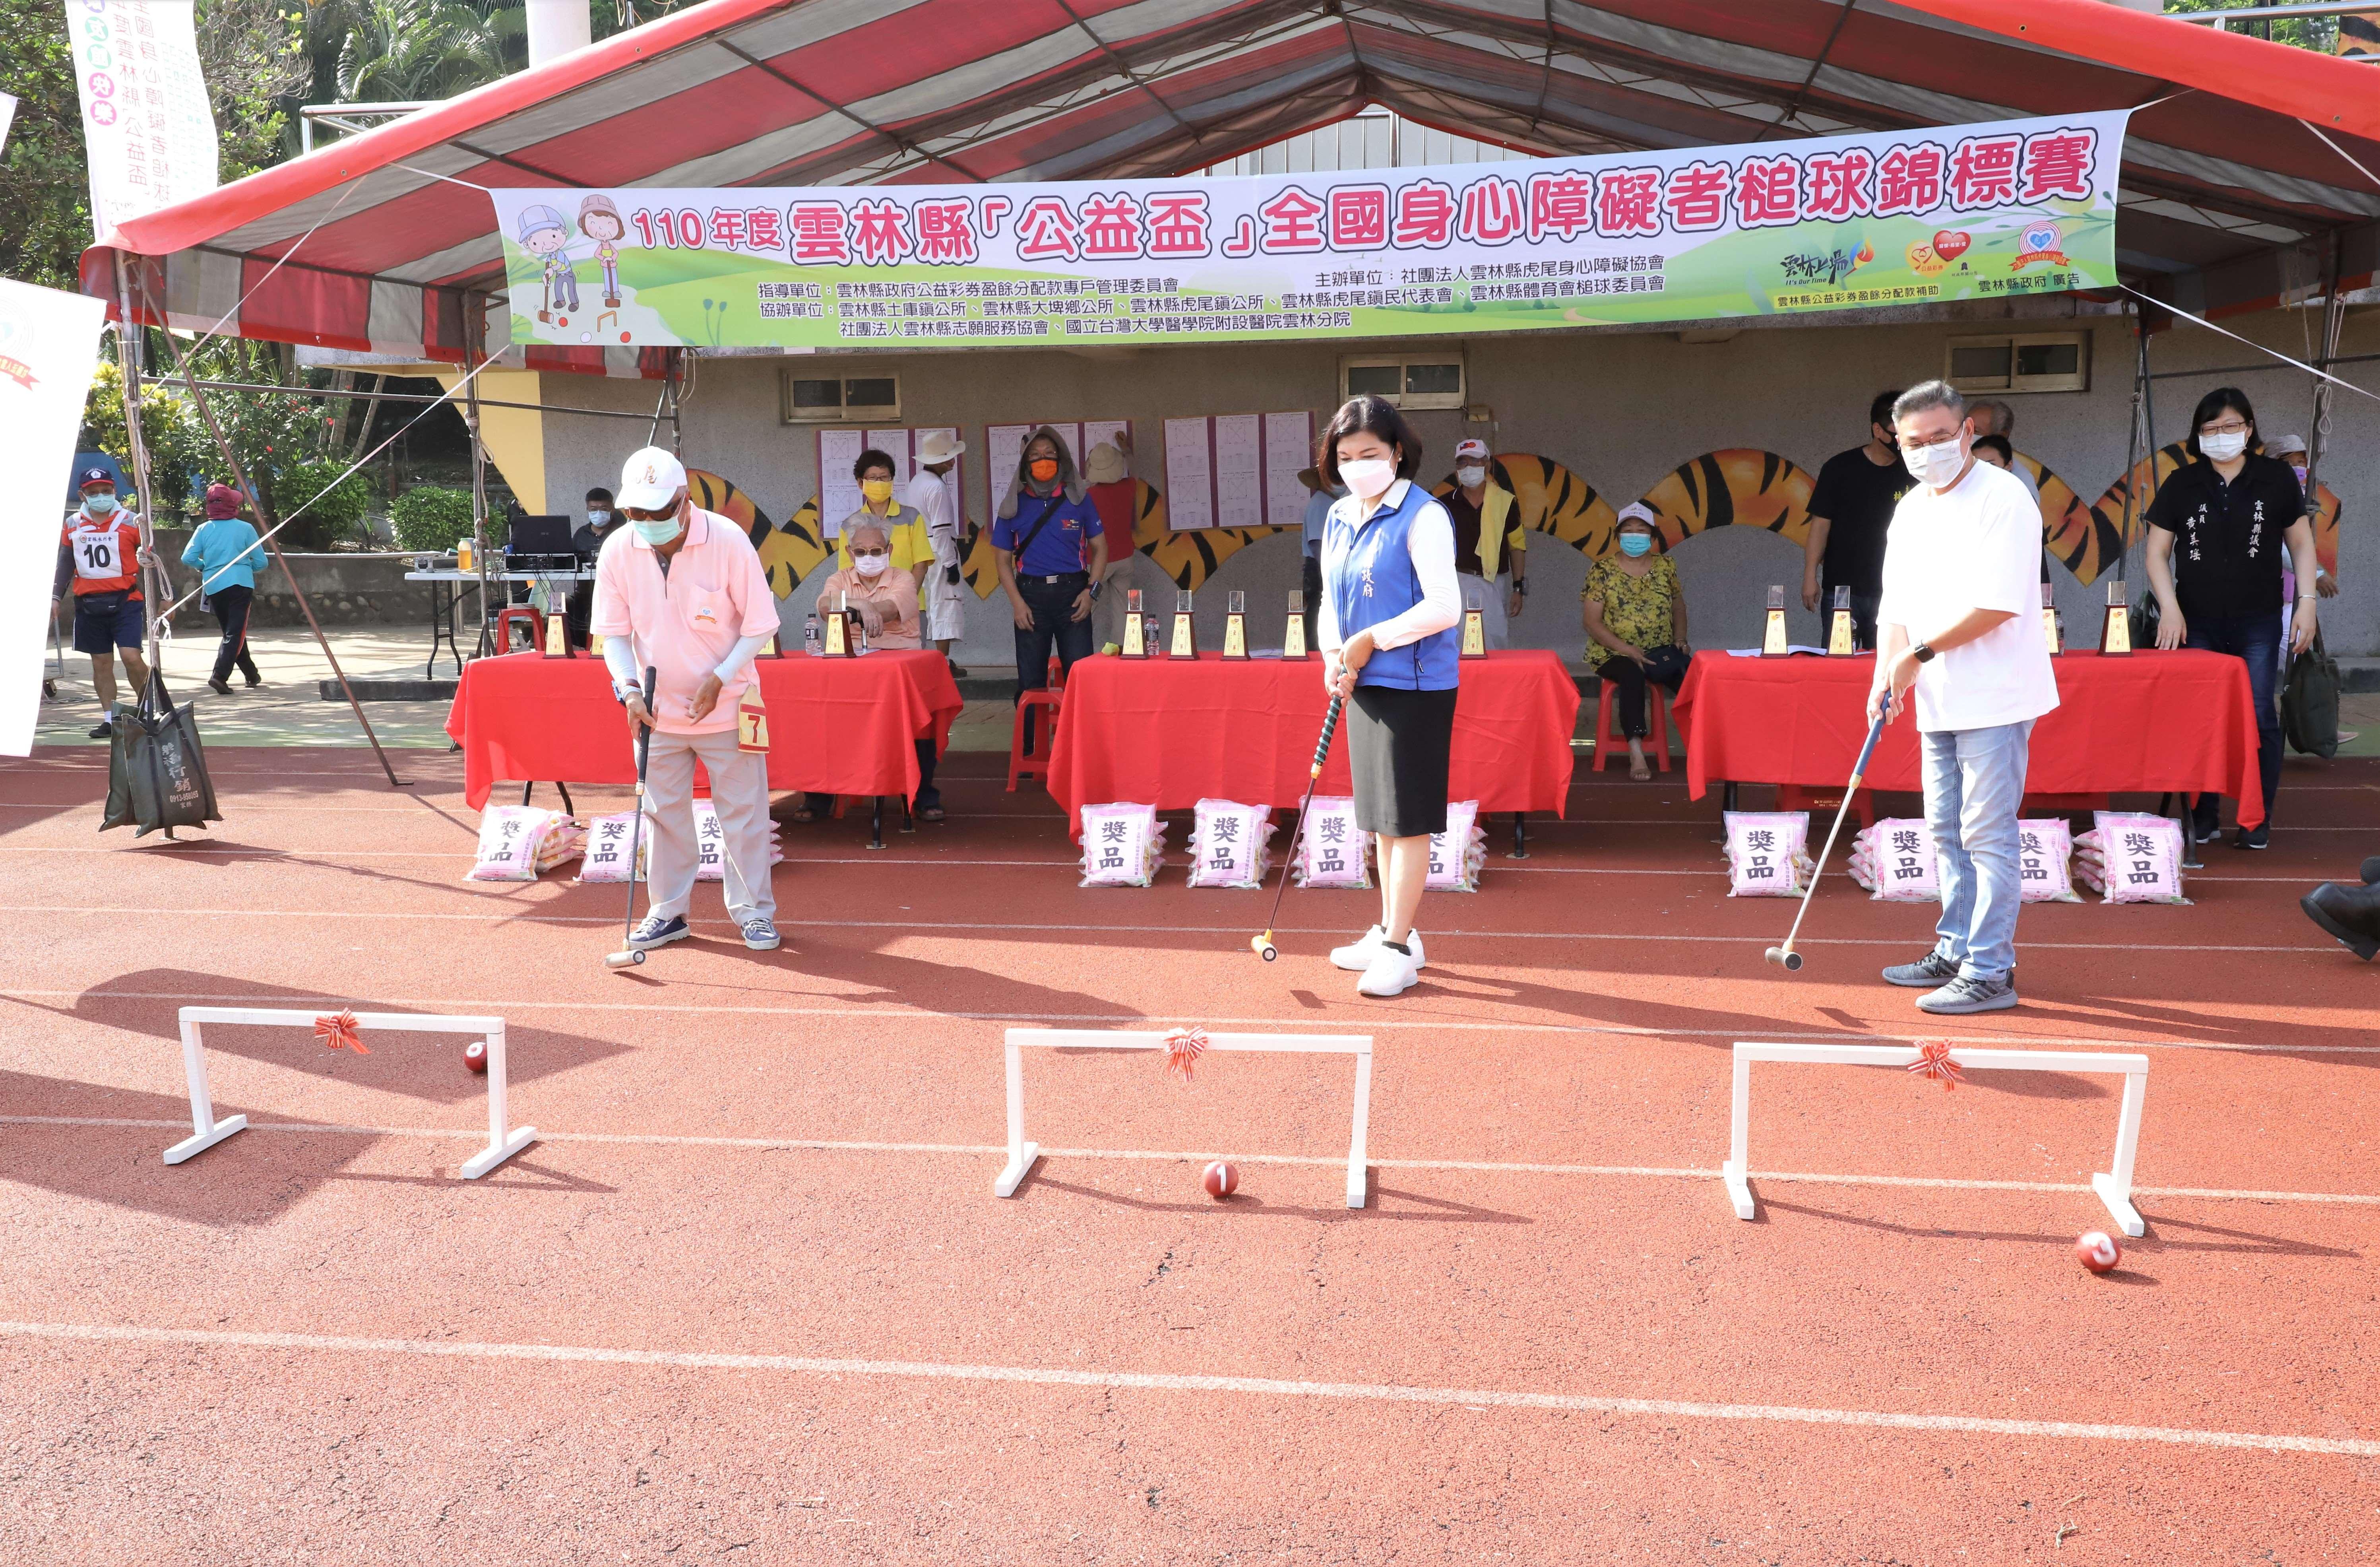 張縣長等人為雲林縣公益盃全國身心障礙者槌球錦標賽開球。